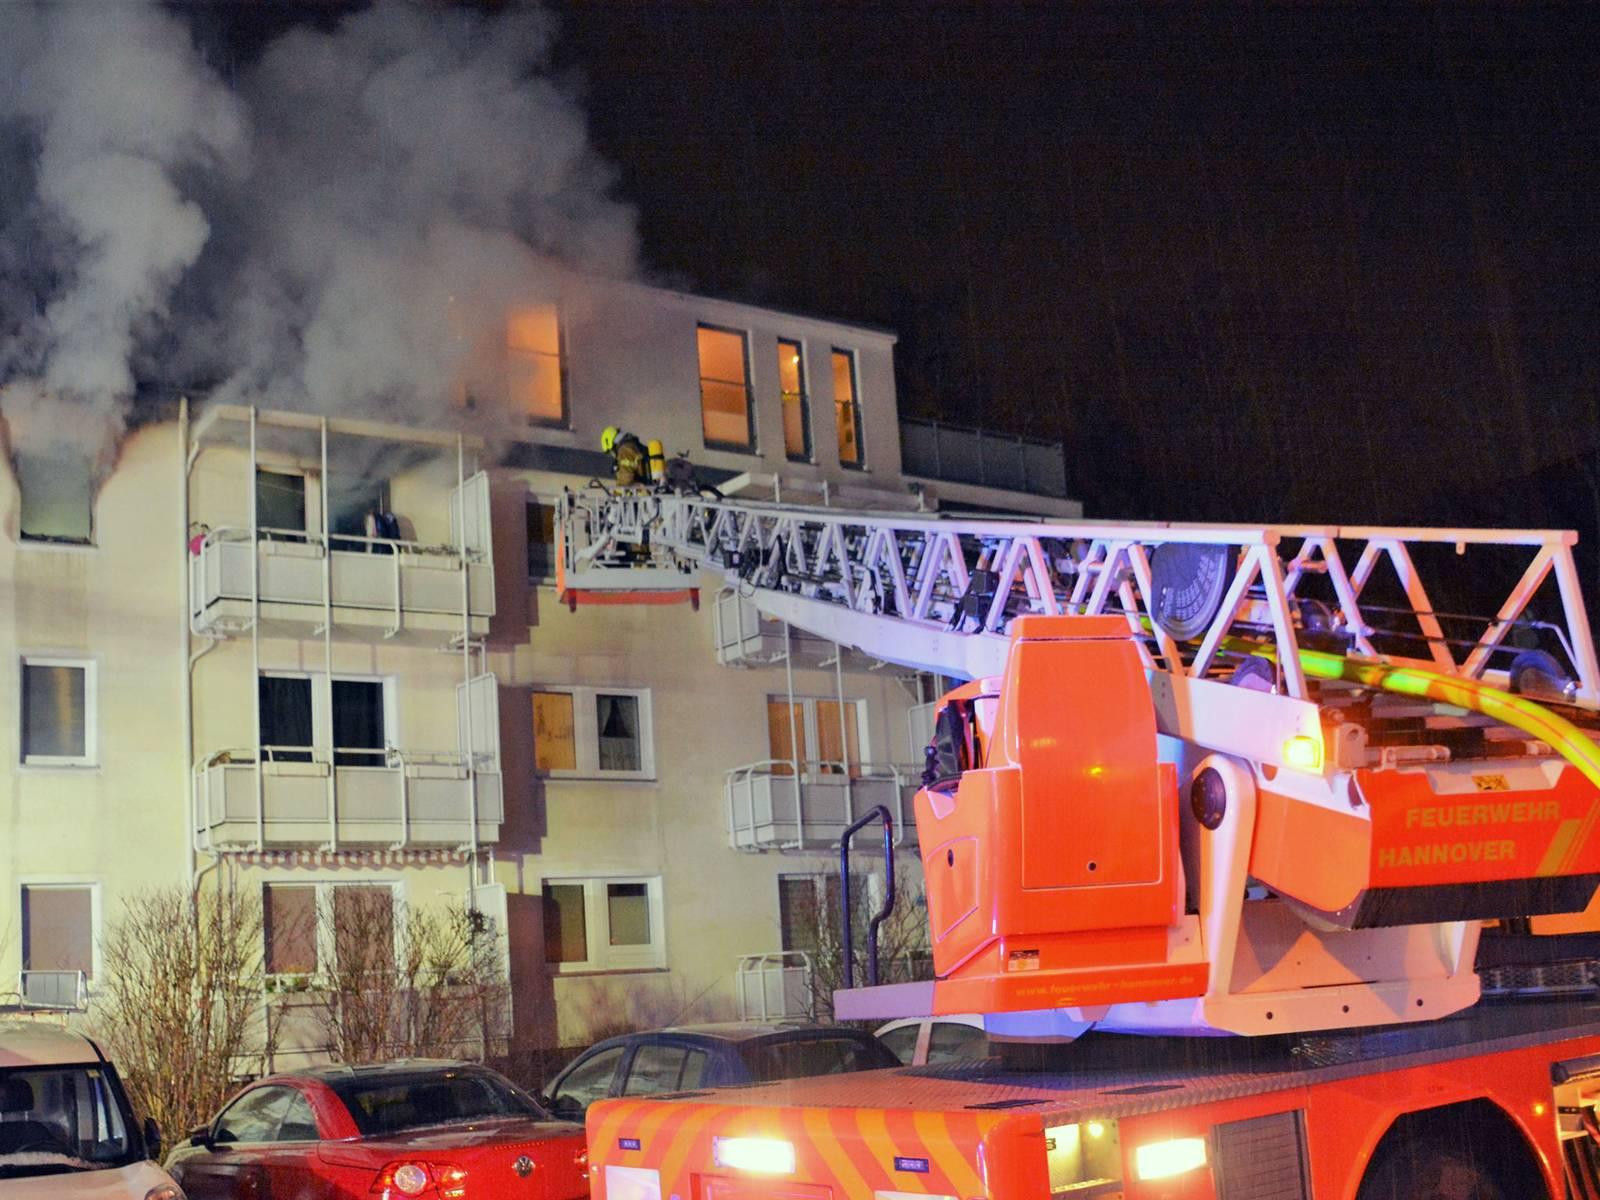 Bei einem Wohnungsbrand am frühen Samstagmorgen in Hannover-Döhren starb eine Frau.